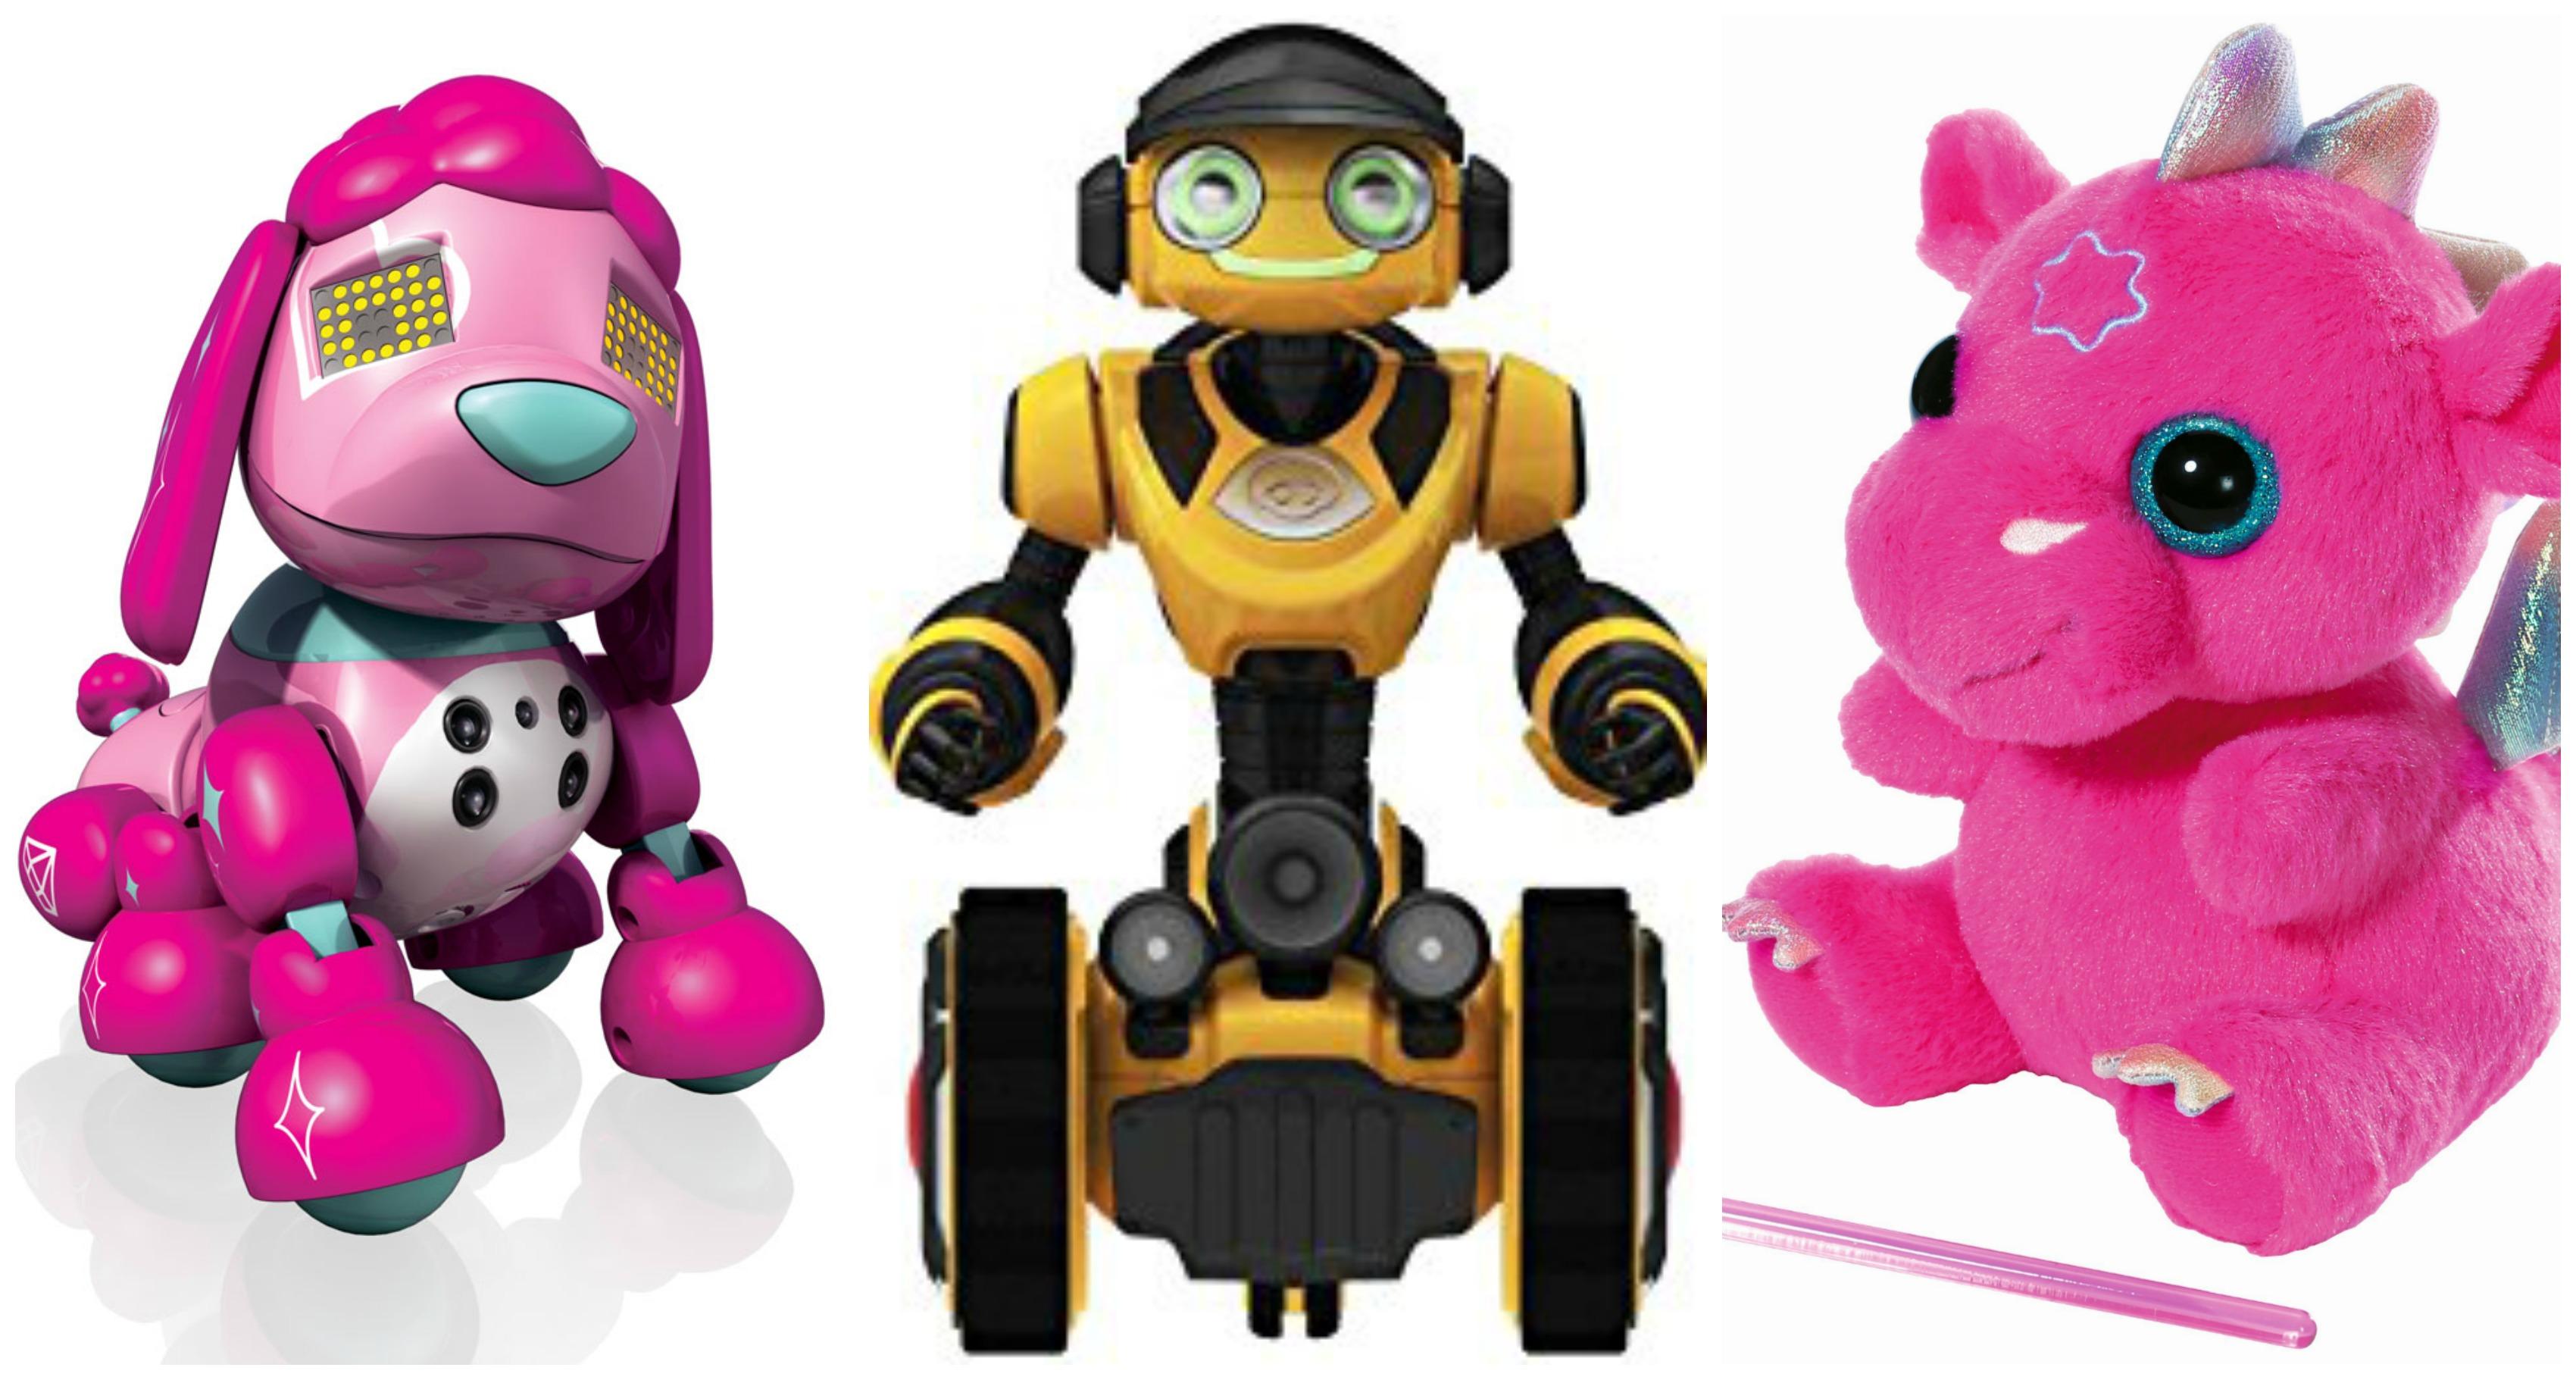 budget-robotspeelgoed-voor-kinderen-goodgirlscompany